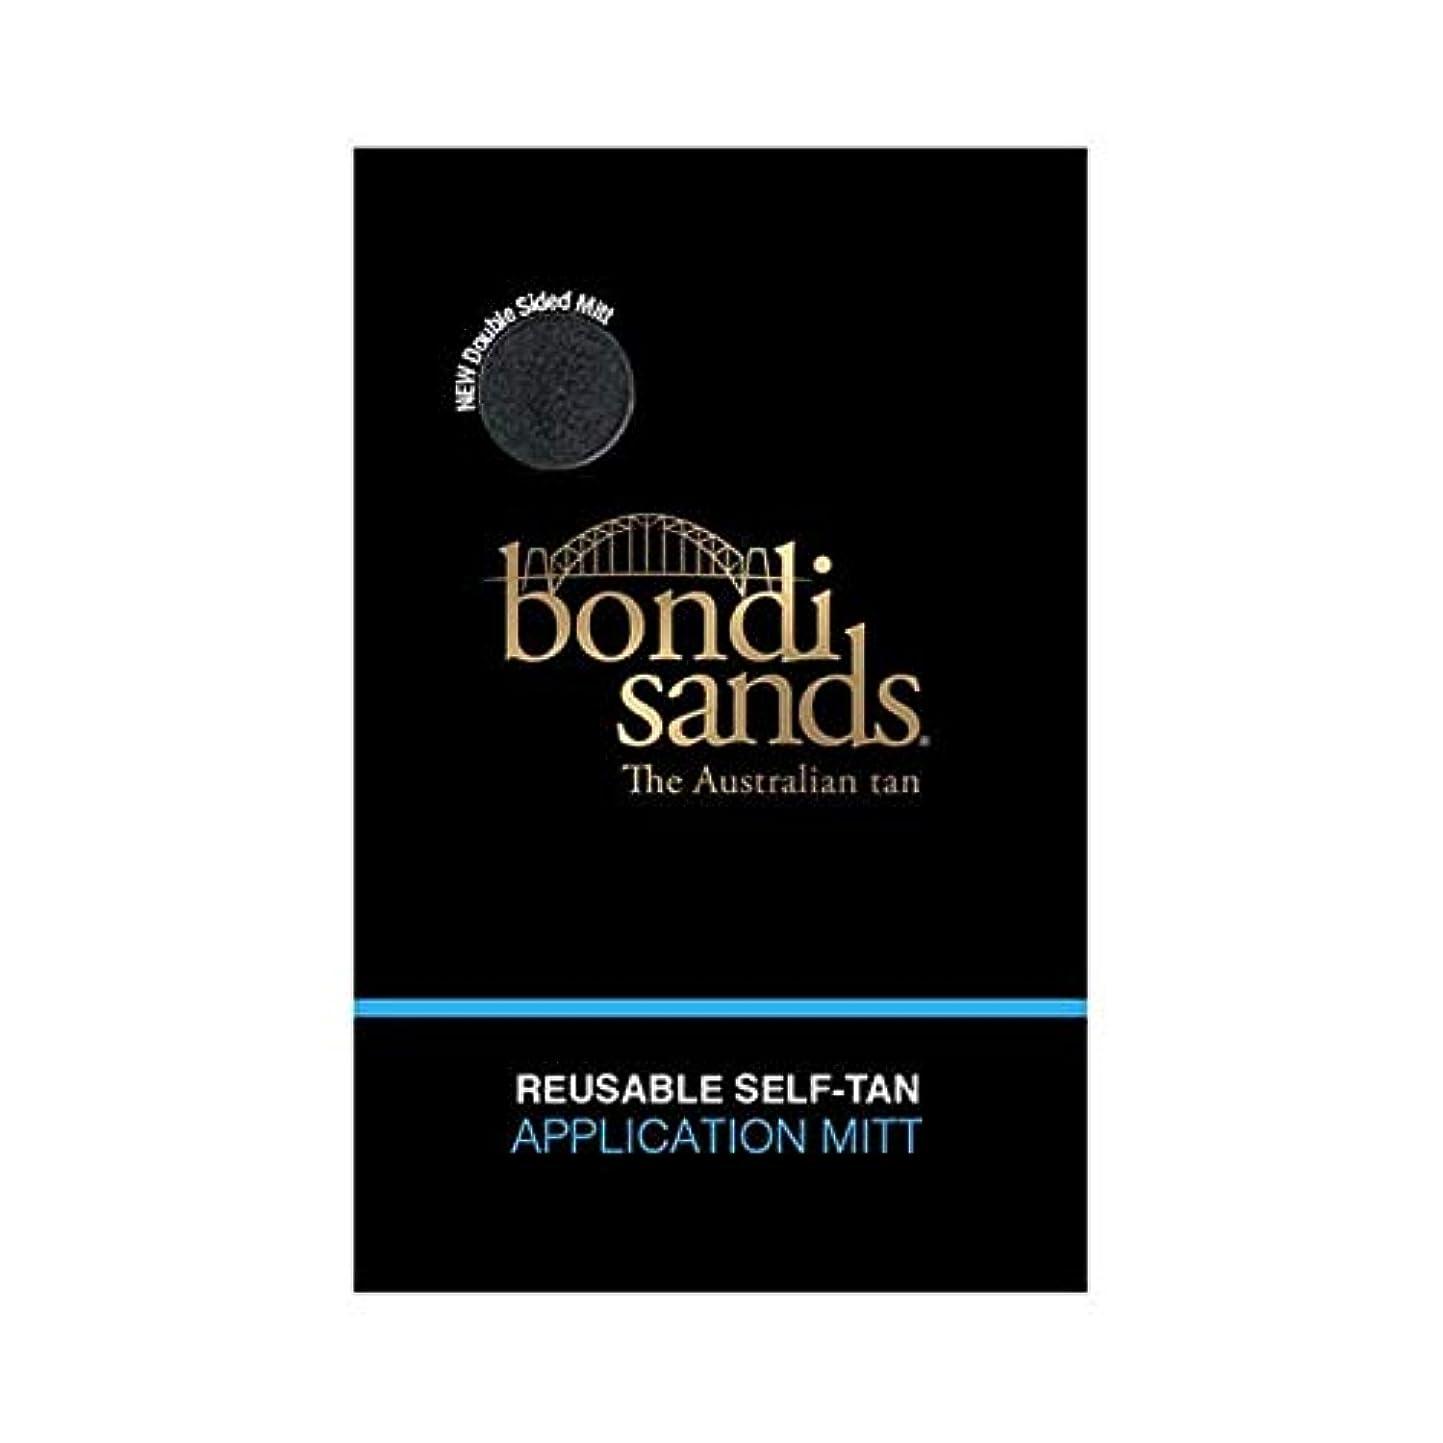 ボート補助重さ[Bondi Sands ] ボンダイサンド自己日焼けアプリケーションミット - Bondi Sands Self Tan Application Mitt [並行輸入品]